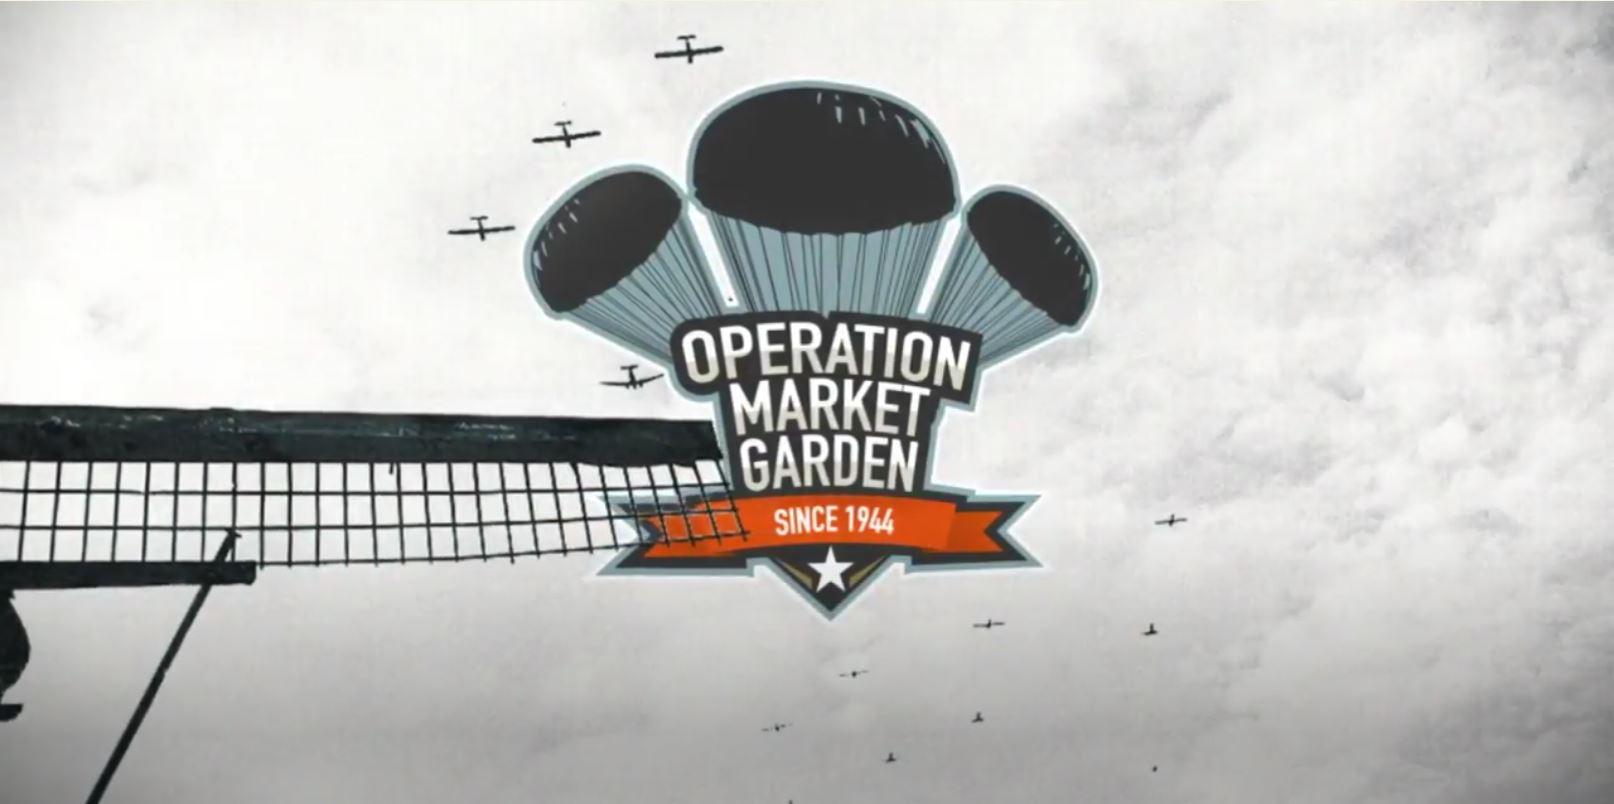 Operatie Market Garden 2019